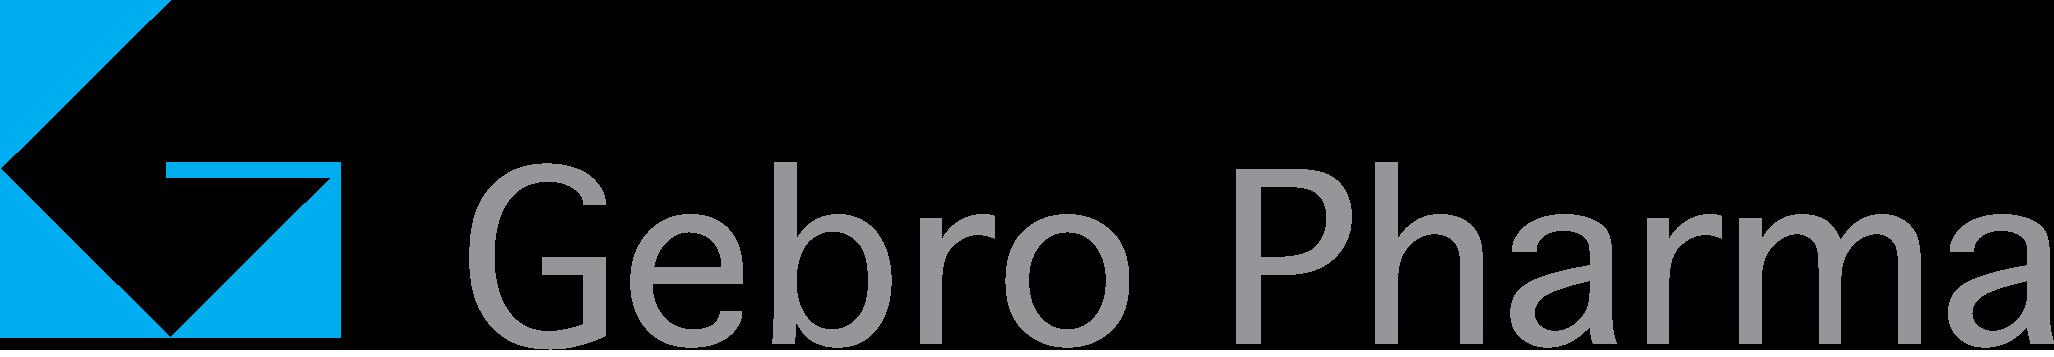 logo_gebro